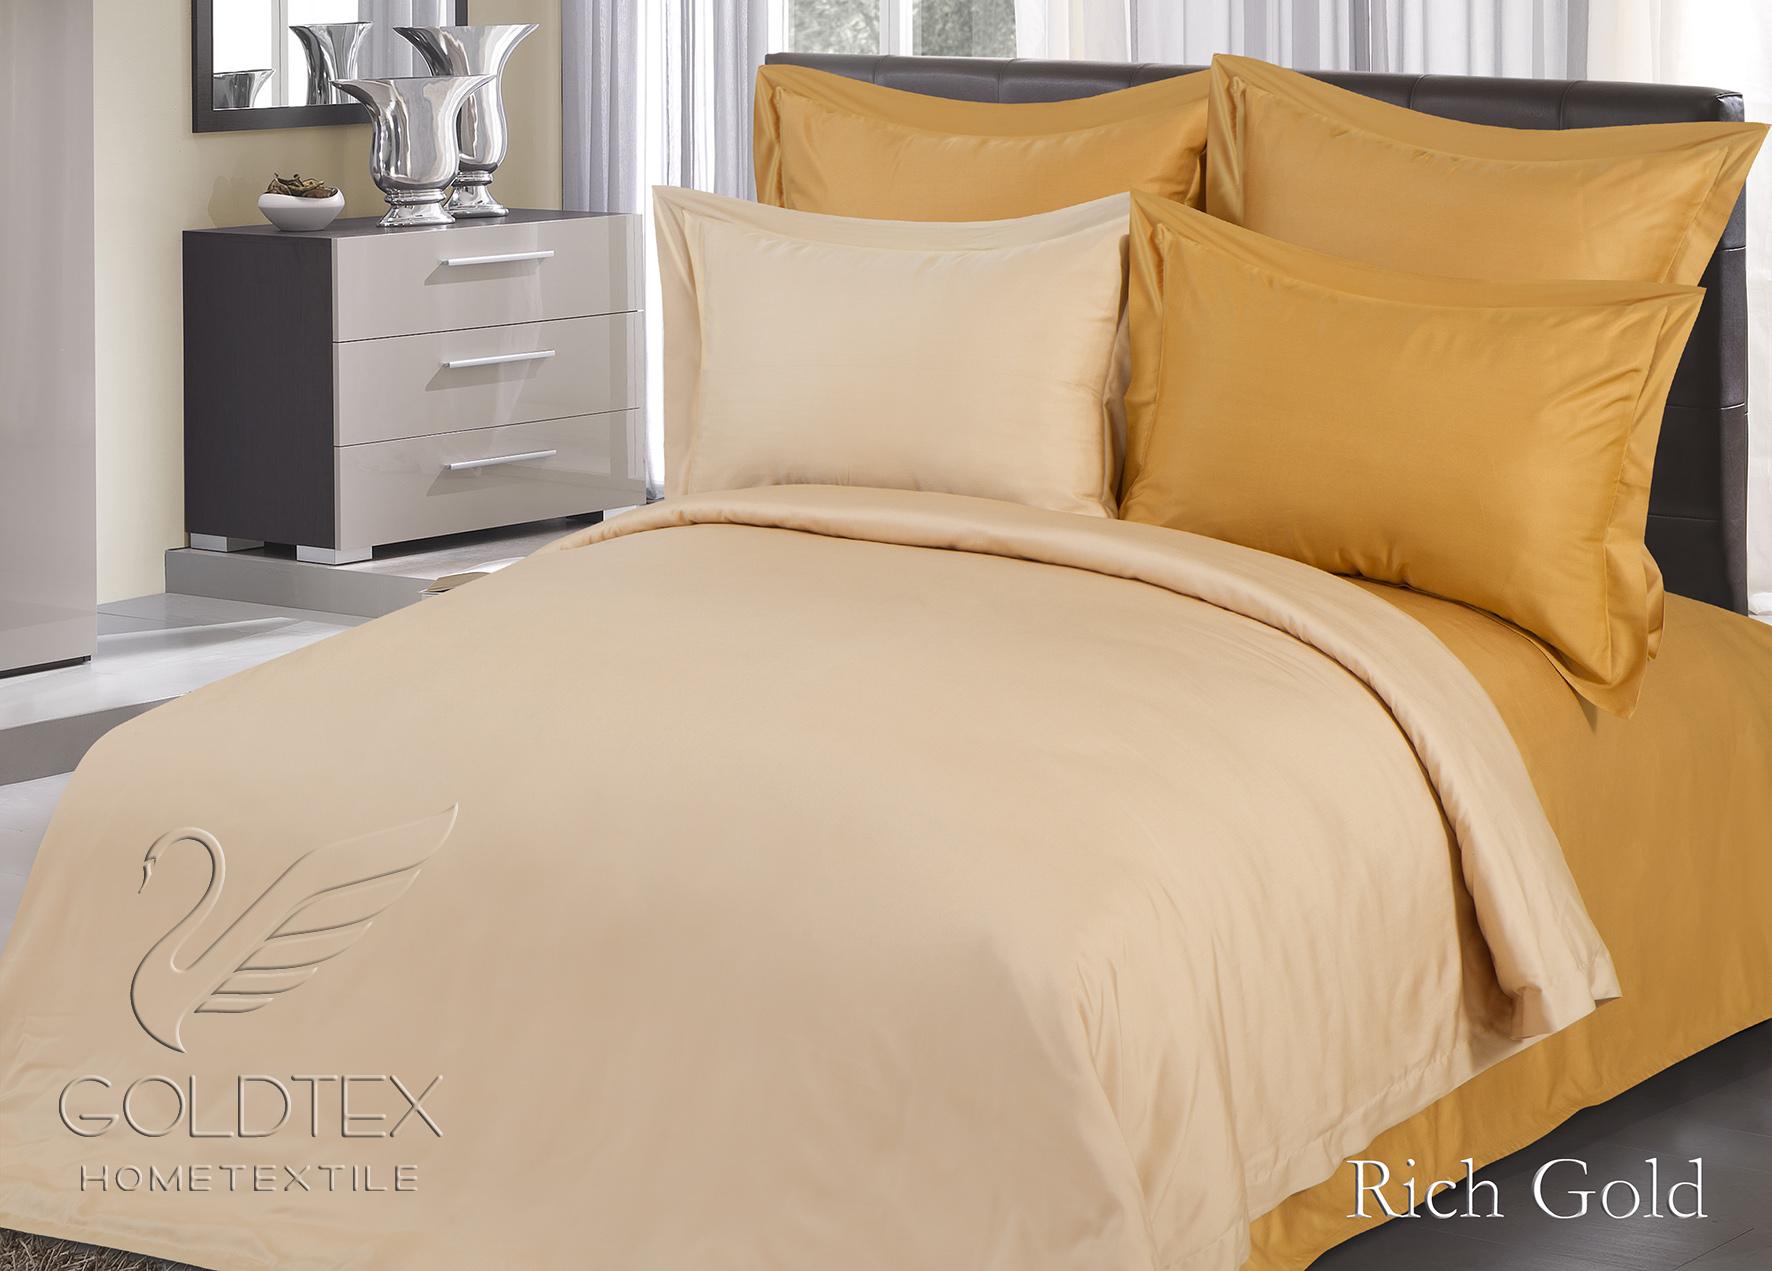 Комплект  Rich Gold , размер Евро с 4 наволочками - Постельное белье артикул: 10865